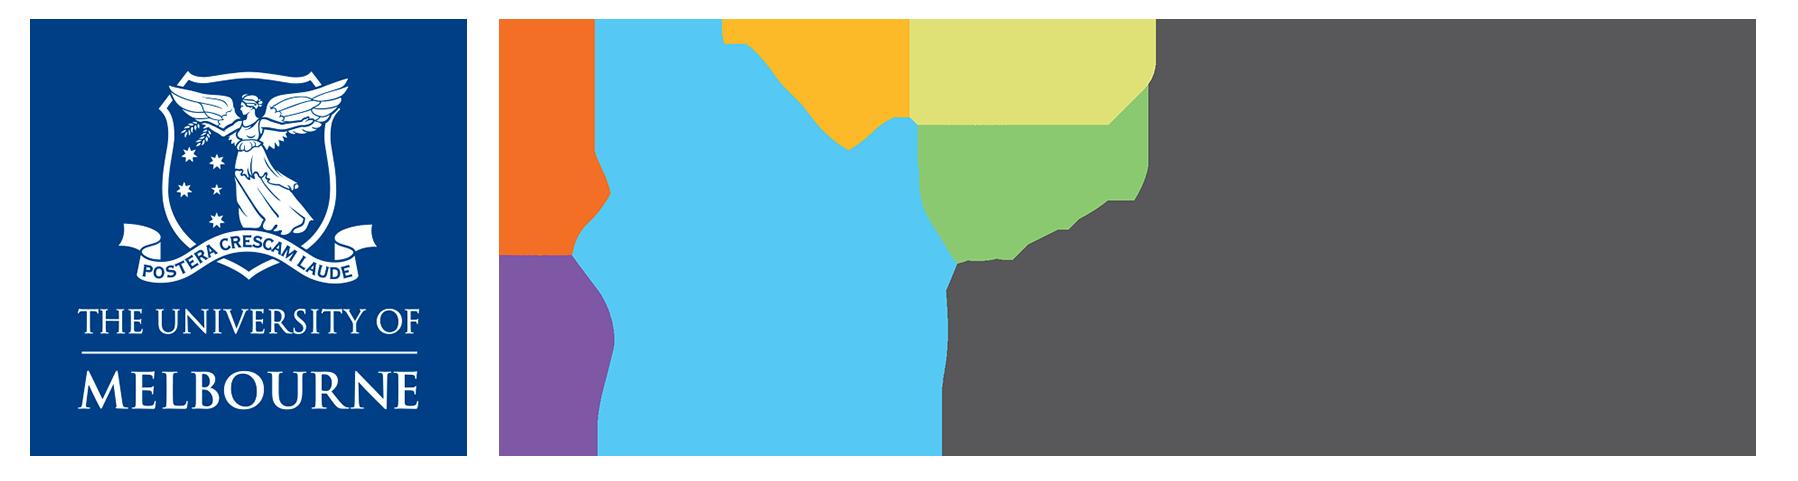 UMSUINTL-UNIMELB.png